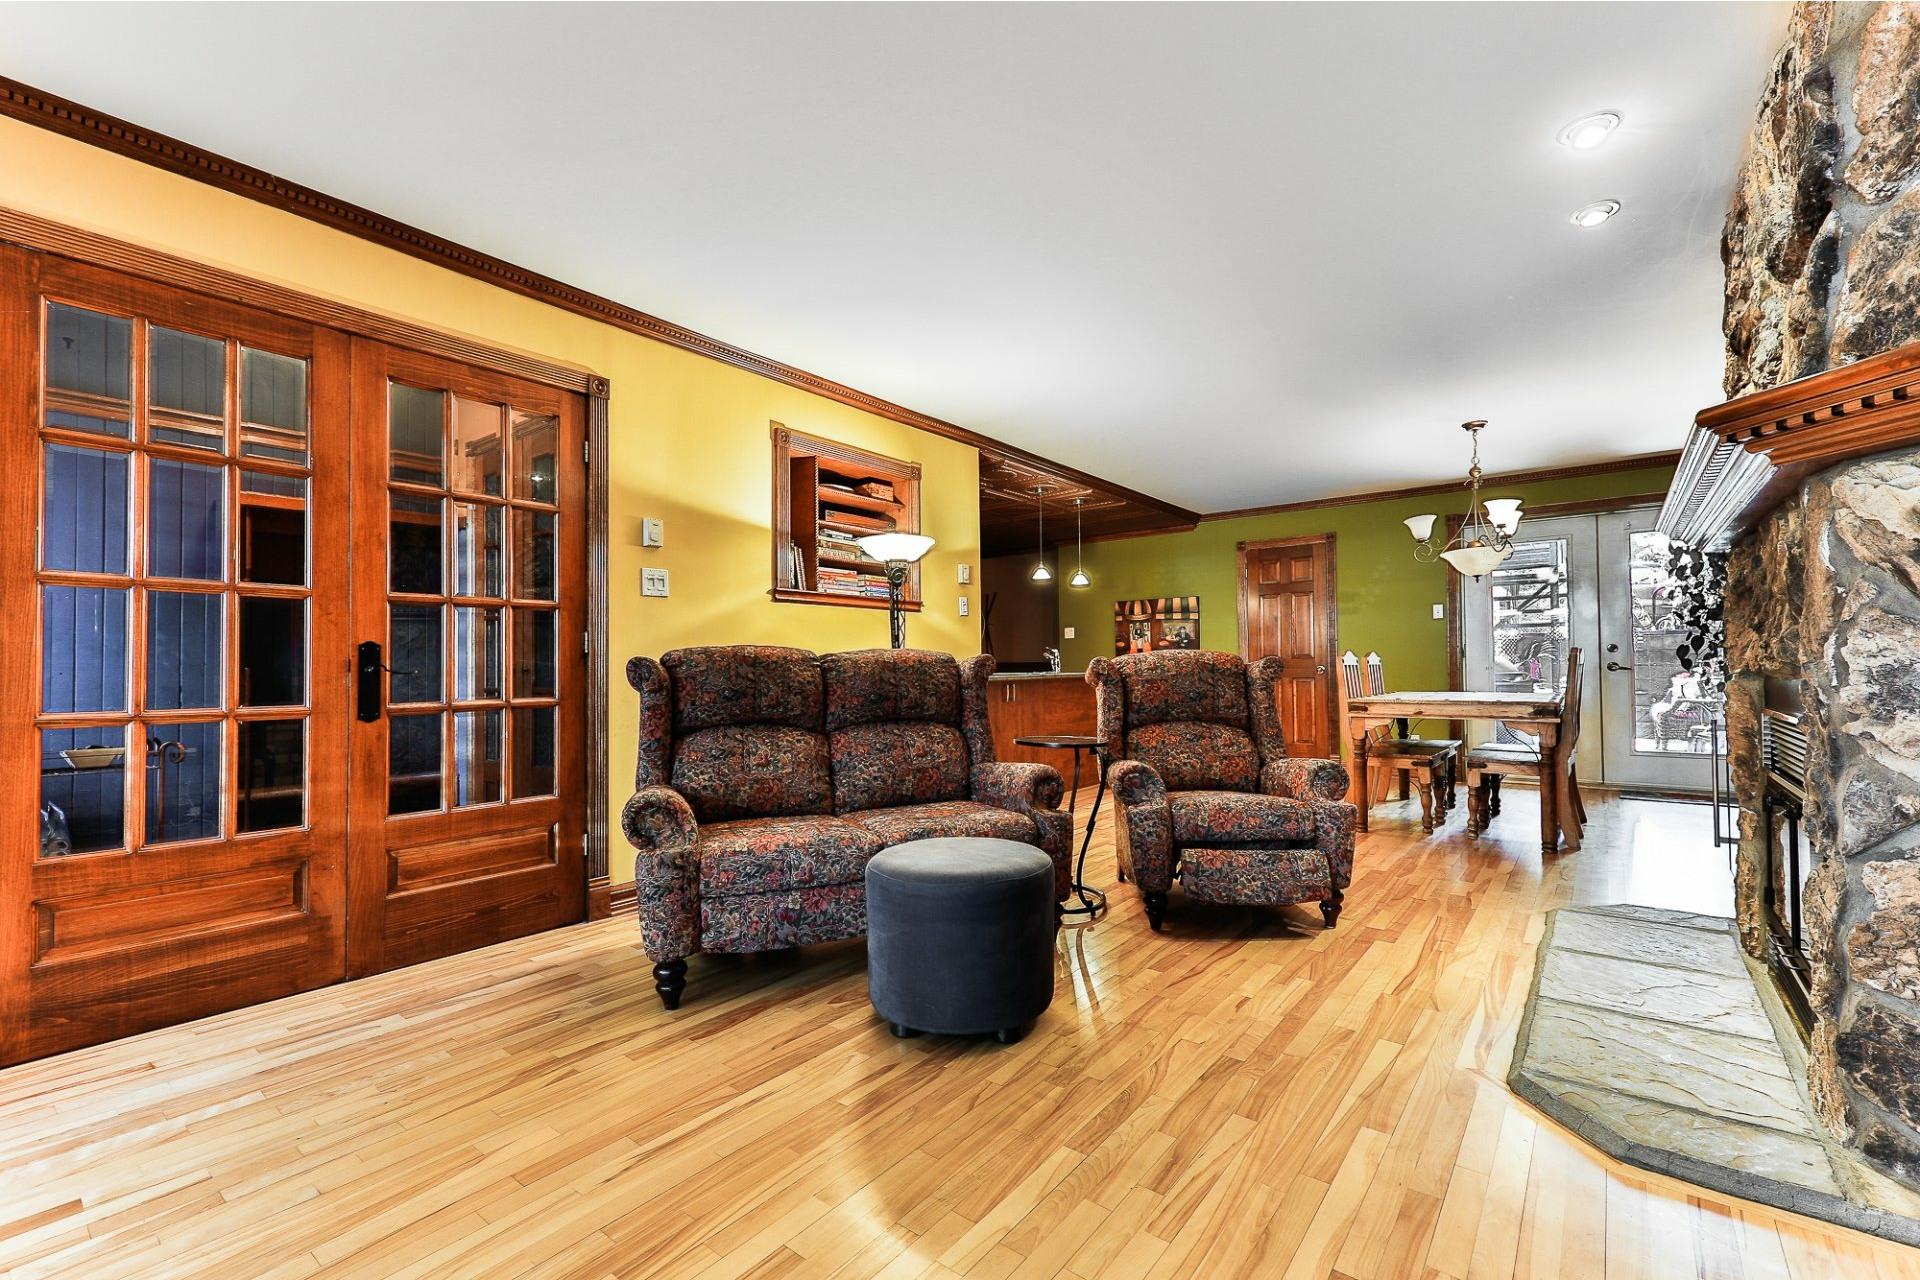 image 3 - Apartment For sale Villeray/Saint-Michel/Parc-Extension Montréal  - 6 rooms